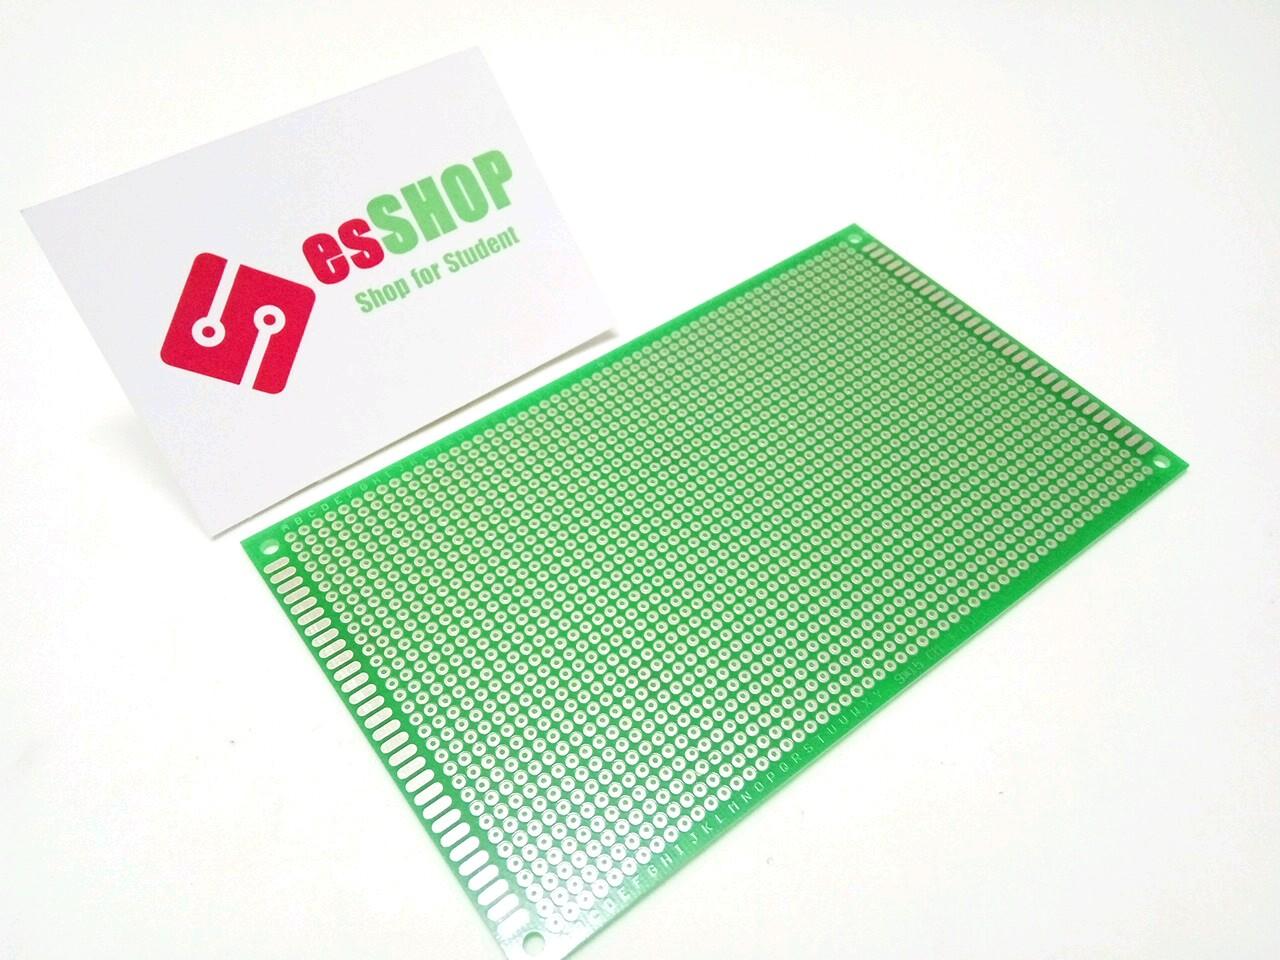 B0510 - Test Board Hàn 1 Mặt 150x90mm